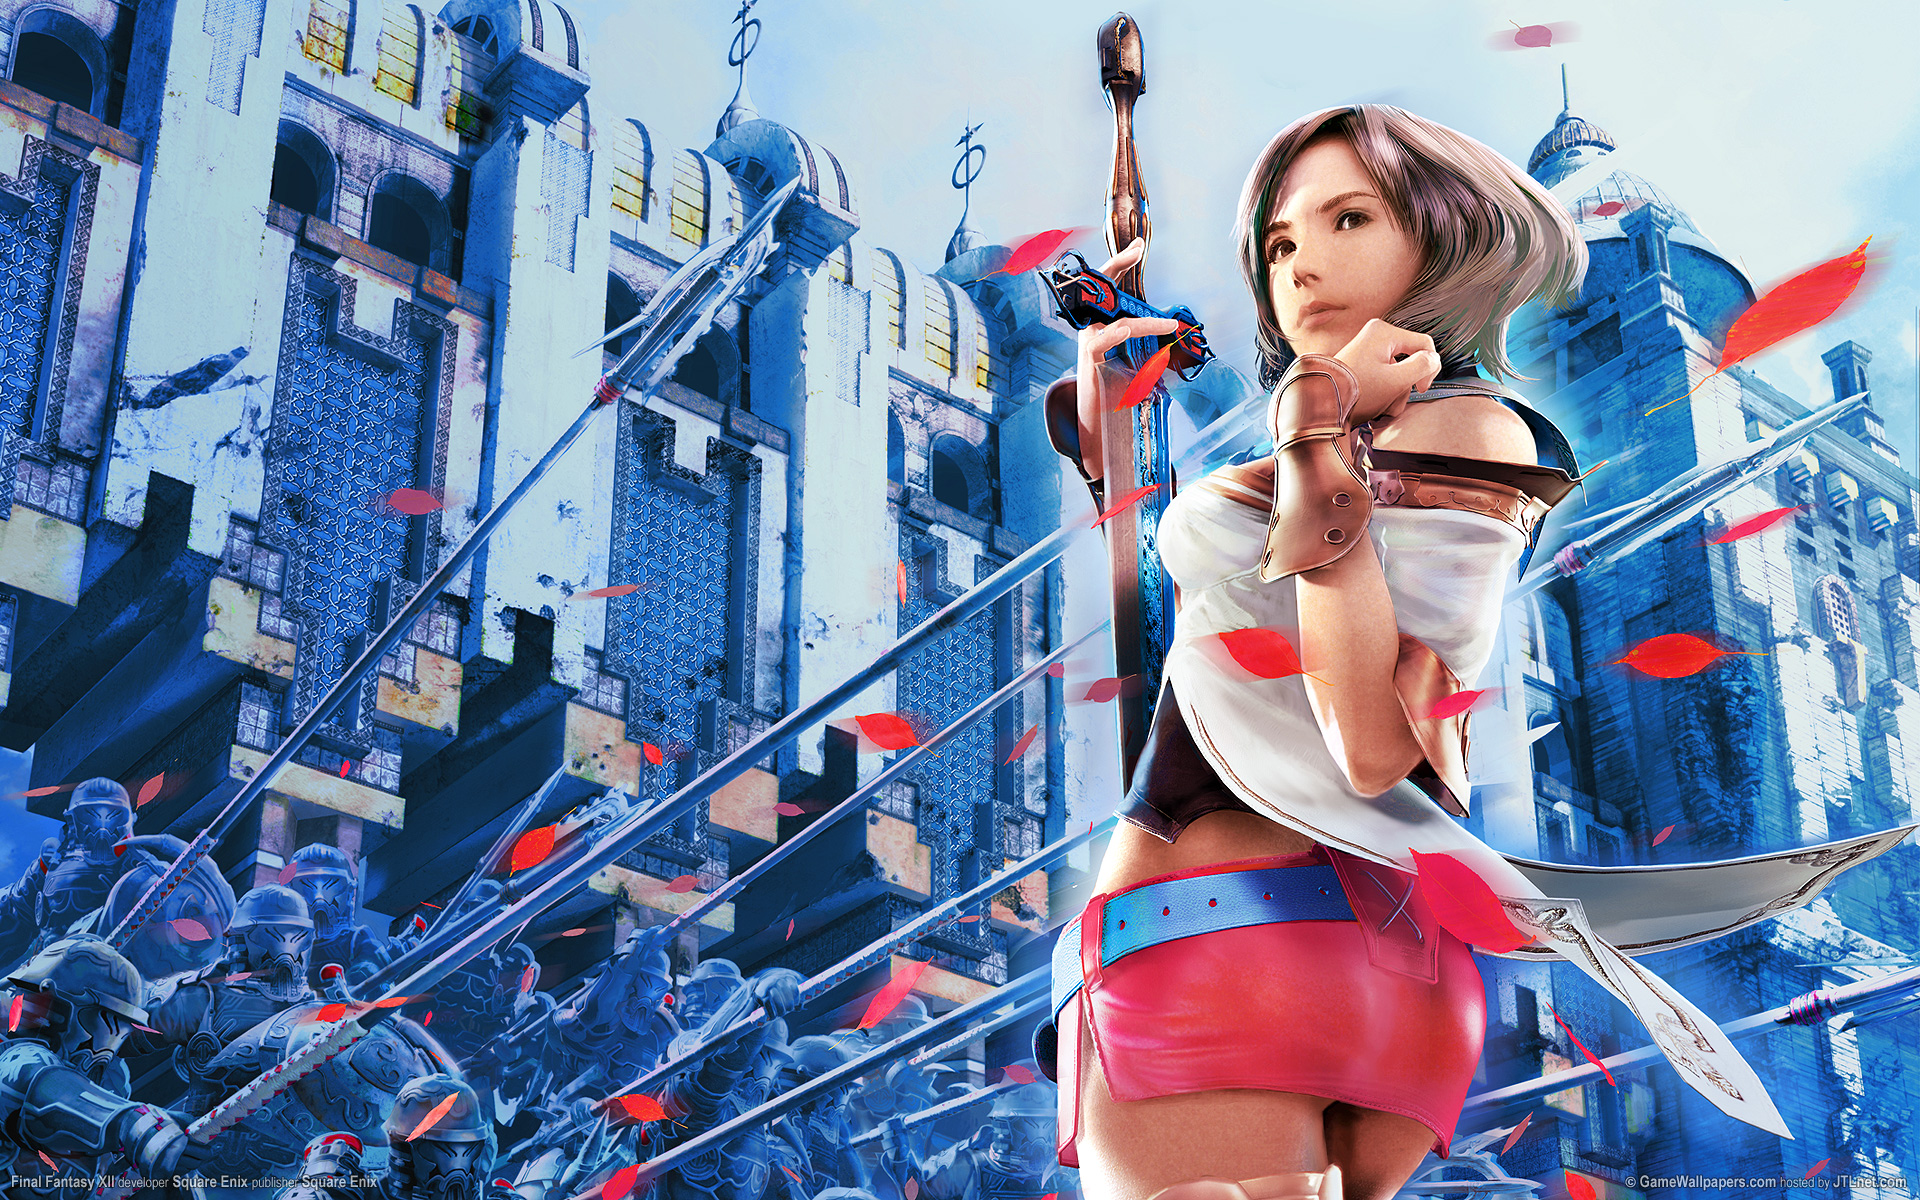 Final Fantasy Xii 01